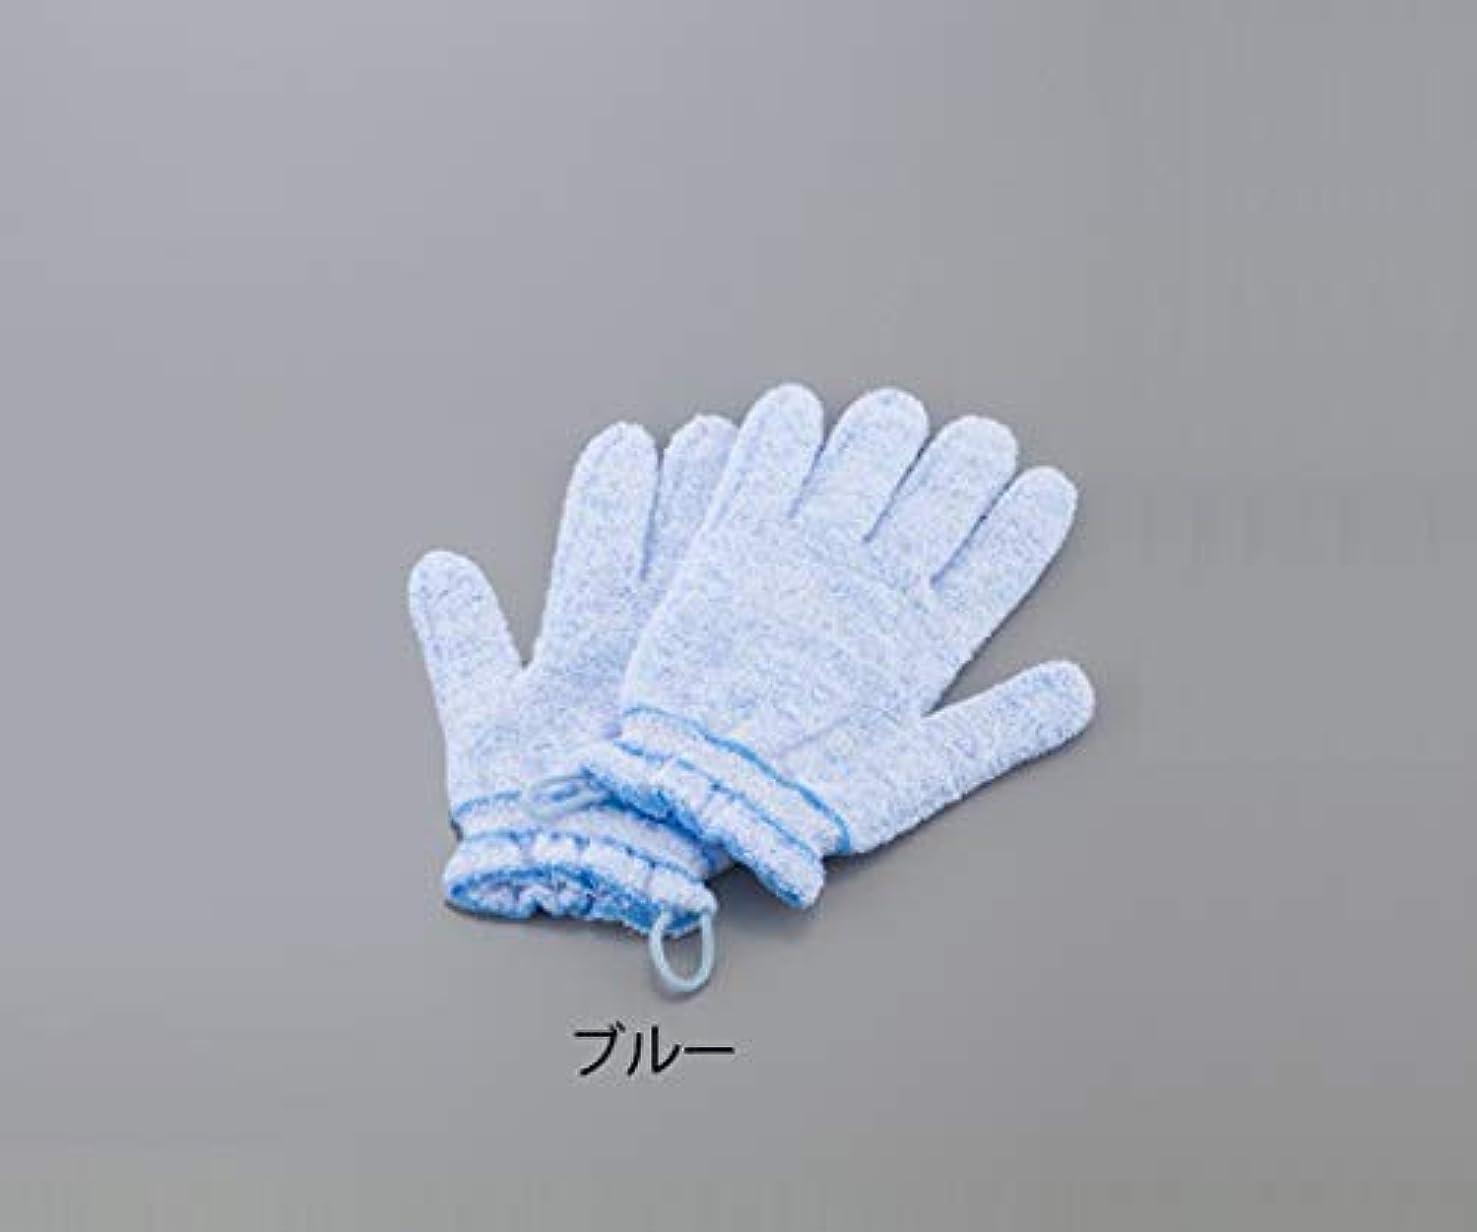 追う凍ったレーザ0-4015-02浴用手袋(やさしい手)ブルー